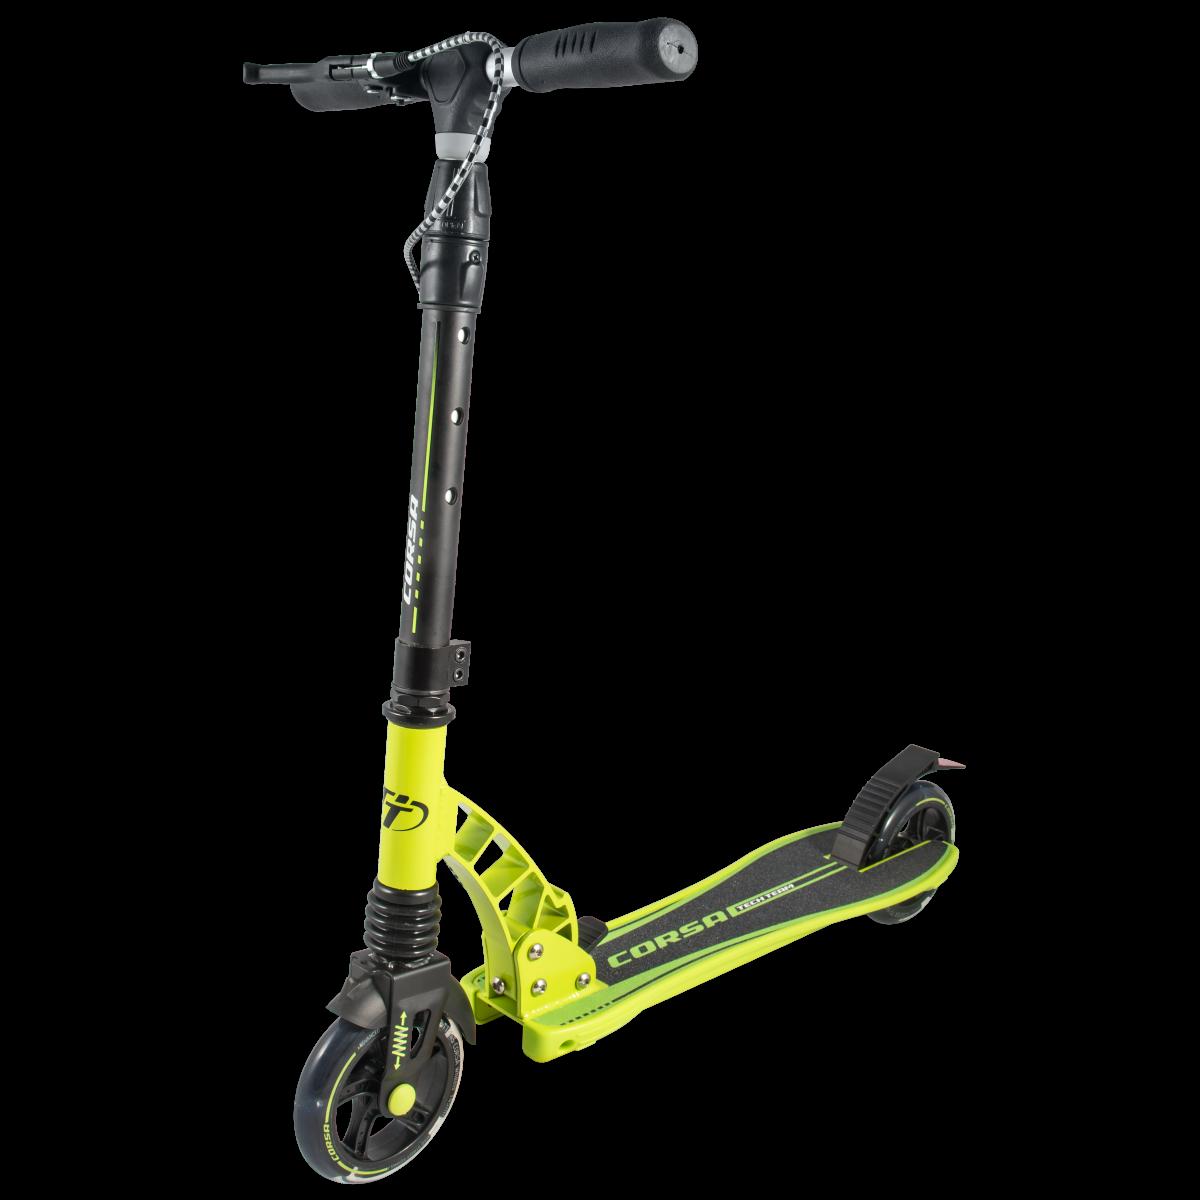 Самокат TechTeam Corsa 2019 желтый